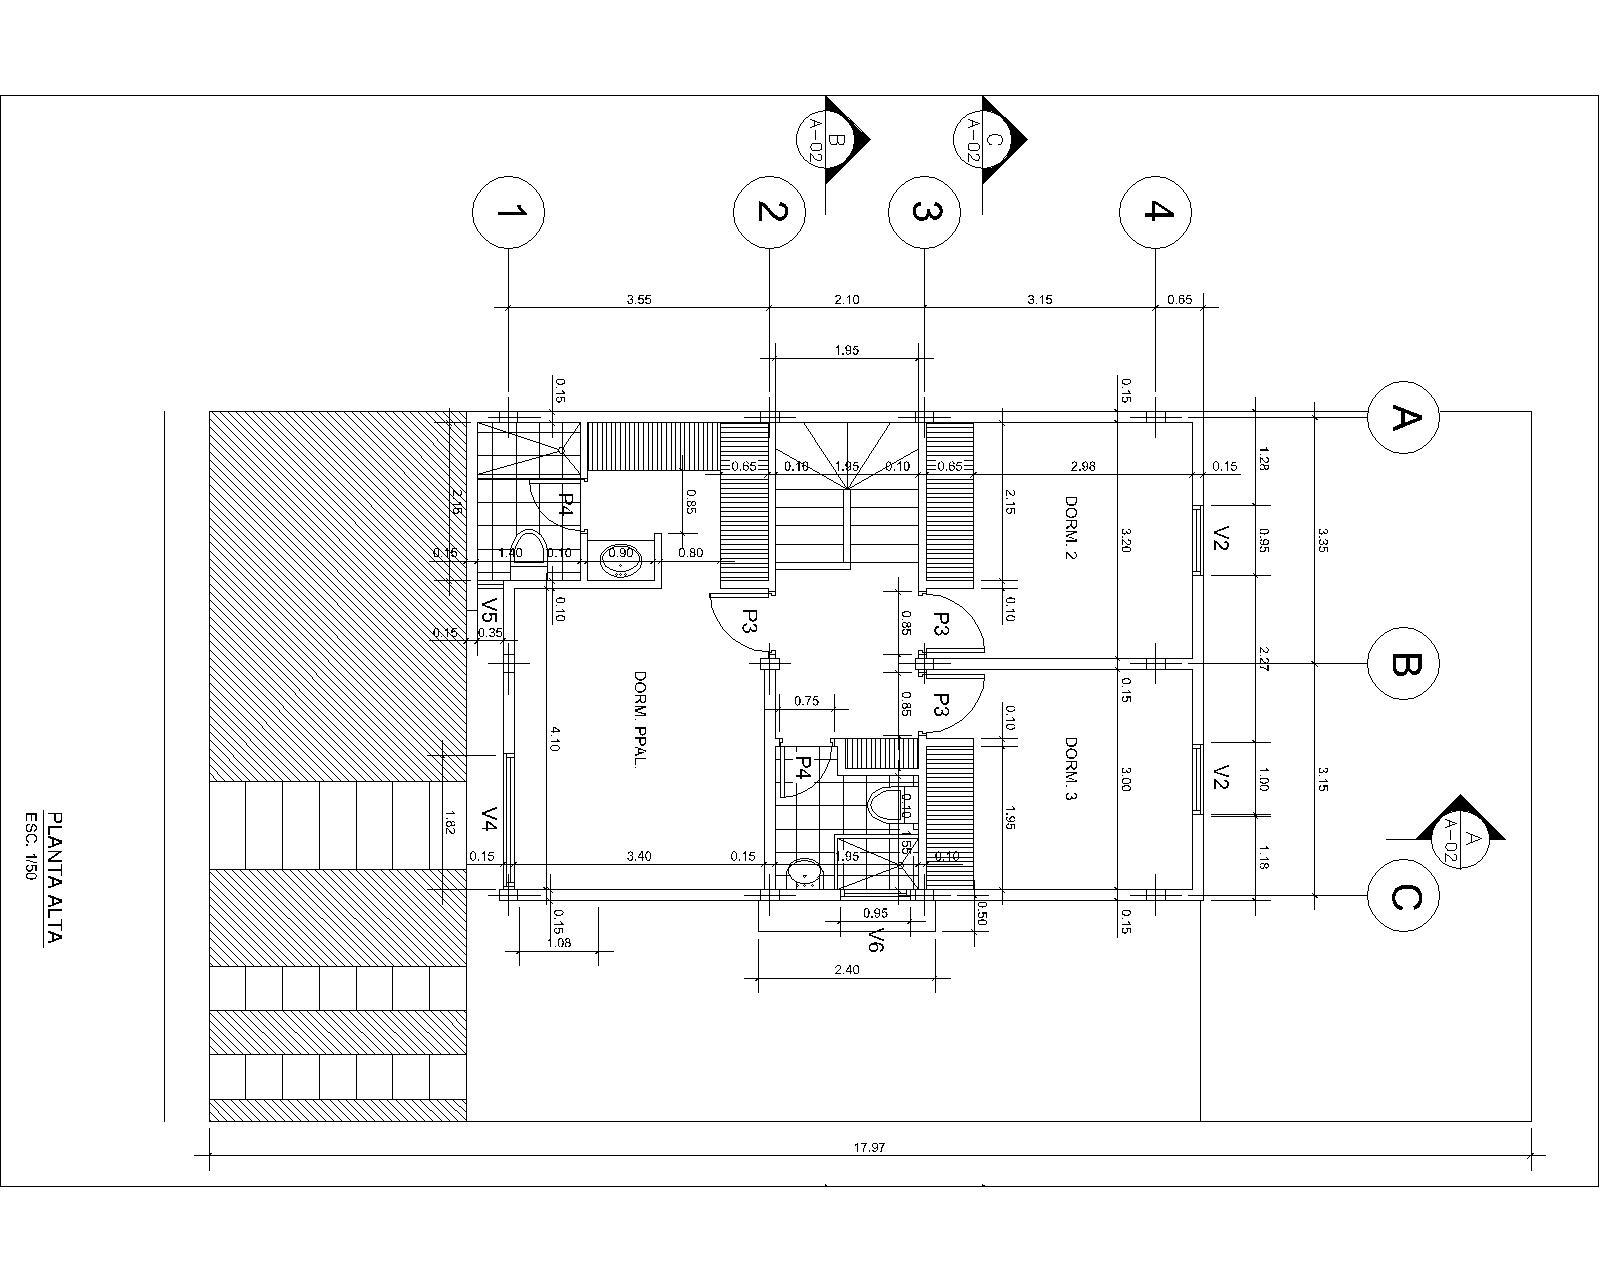 Estructuras metalicas proceso de construcci n de una for Estructuras para viveros plantas